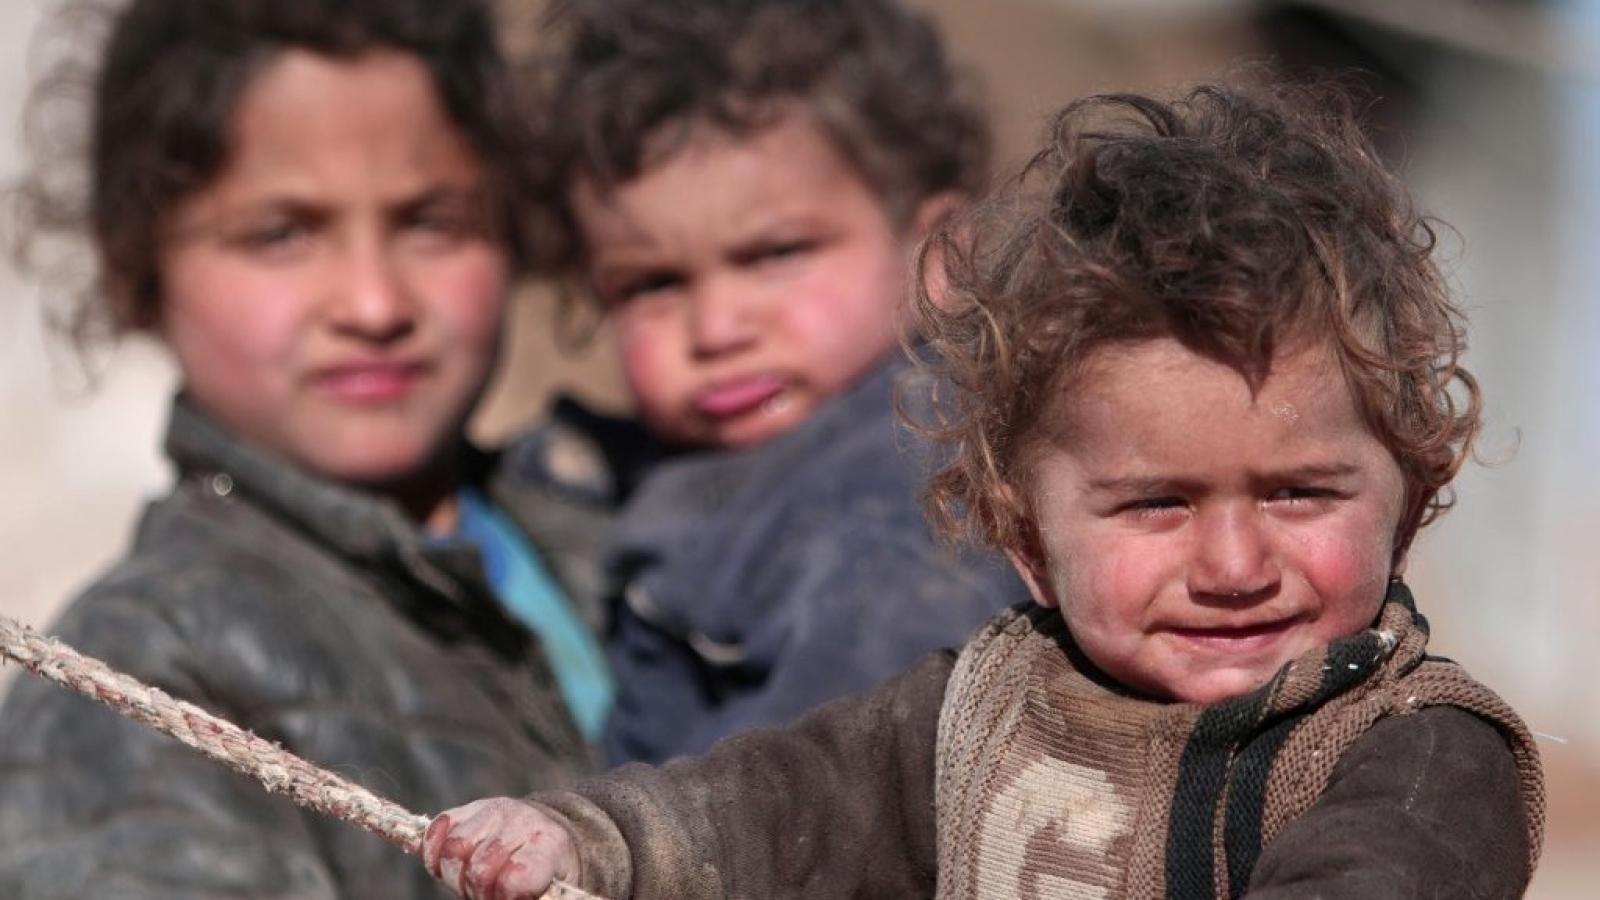 10 năm cuộc chiến Syria: Hàng triệu trẻ em chỉ biết đến cái chết, ly tán và sự hoang tàn